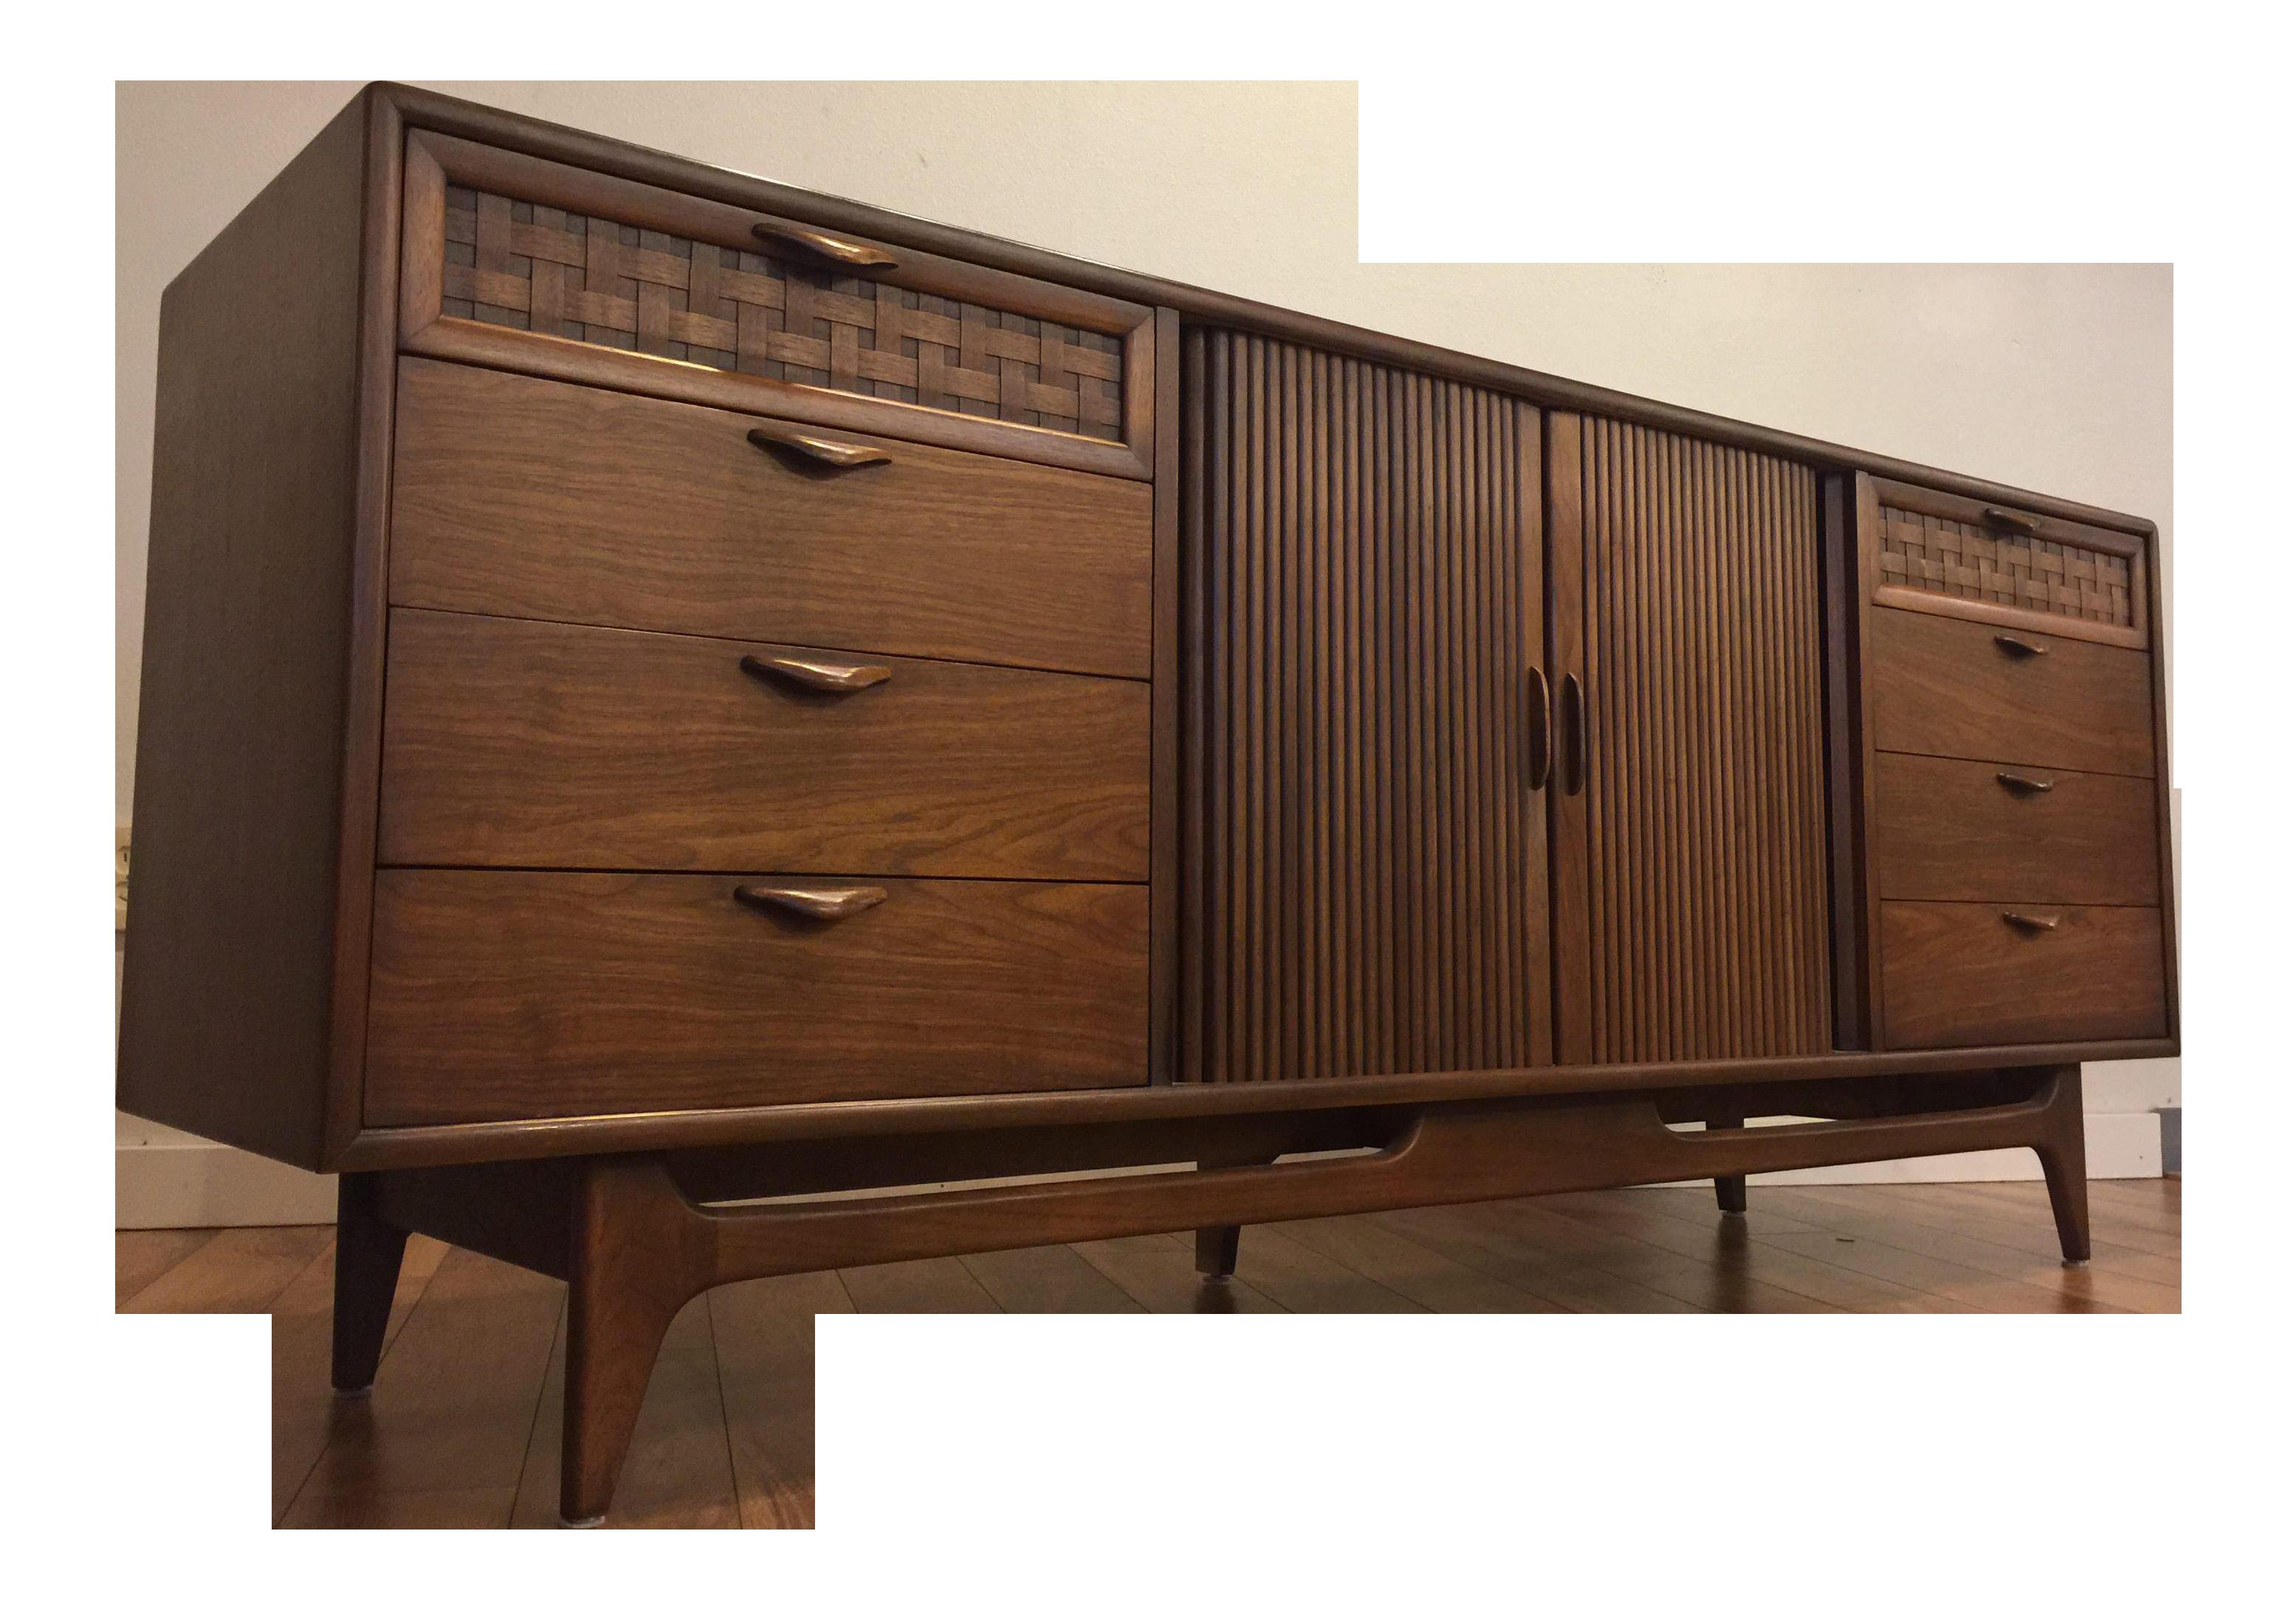 baughman img dressers storage century master id lowboy milo arch modern dresser pieces for case at credenza mid f furniture gordon